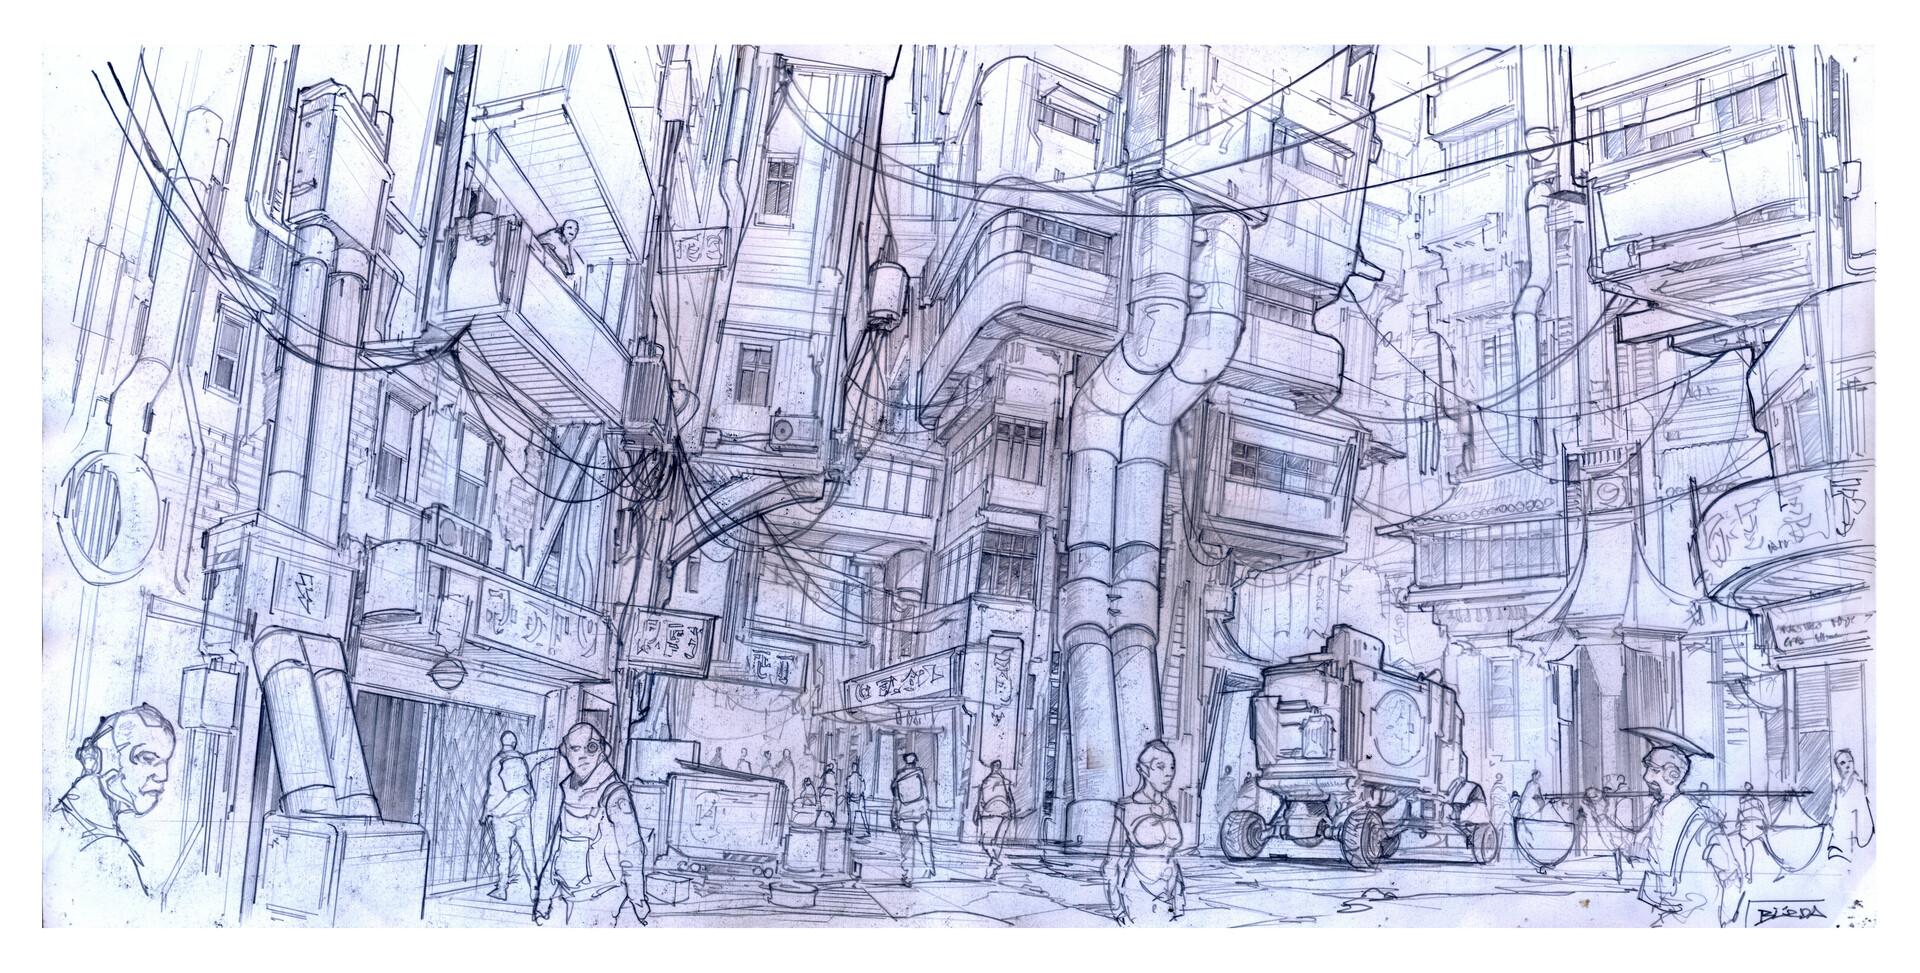 Alejandro burdisio jungle city pencil sketch1